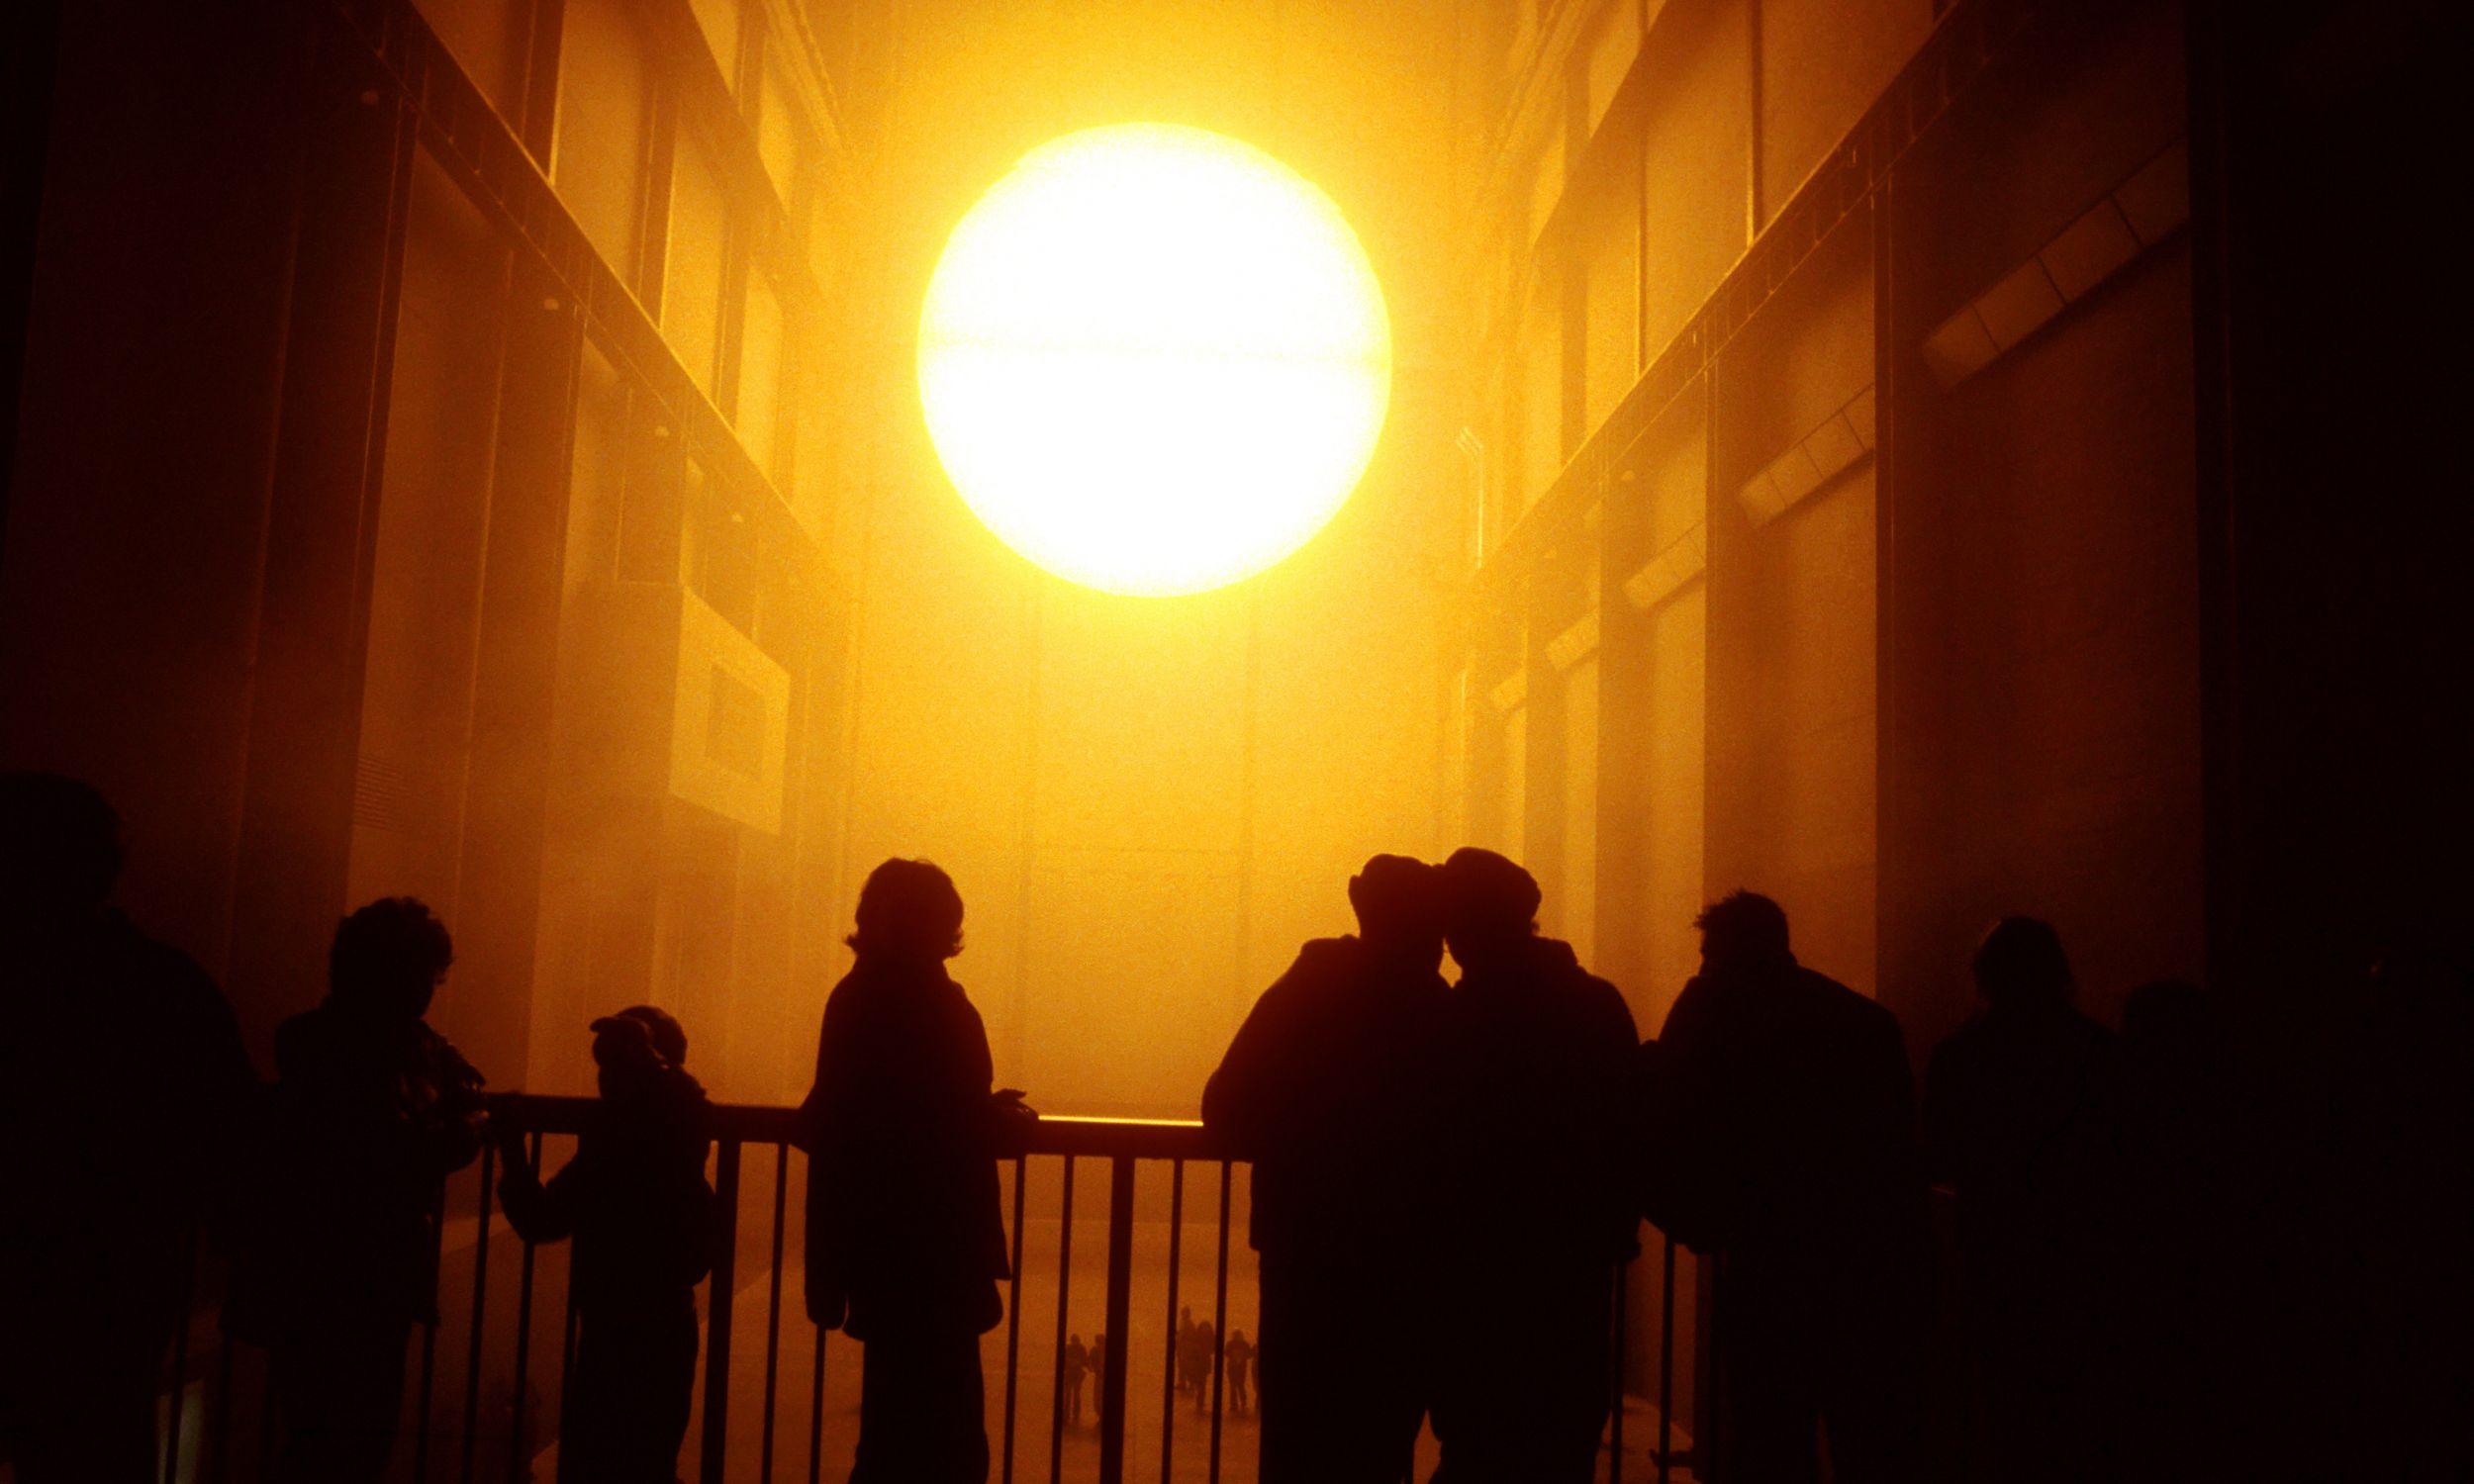 Największą sławę przyniosło Eliassonowi… słońce. W 2003 roku instalacja w Turbine Hall w londyńskiej Tate Modern była objawieniem. Fot. Photofusion/Universal Images Group via Getty Images